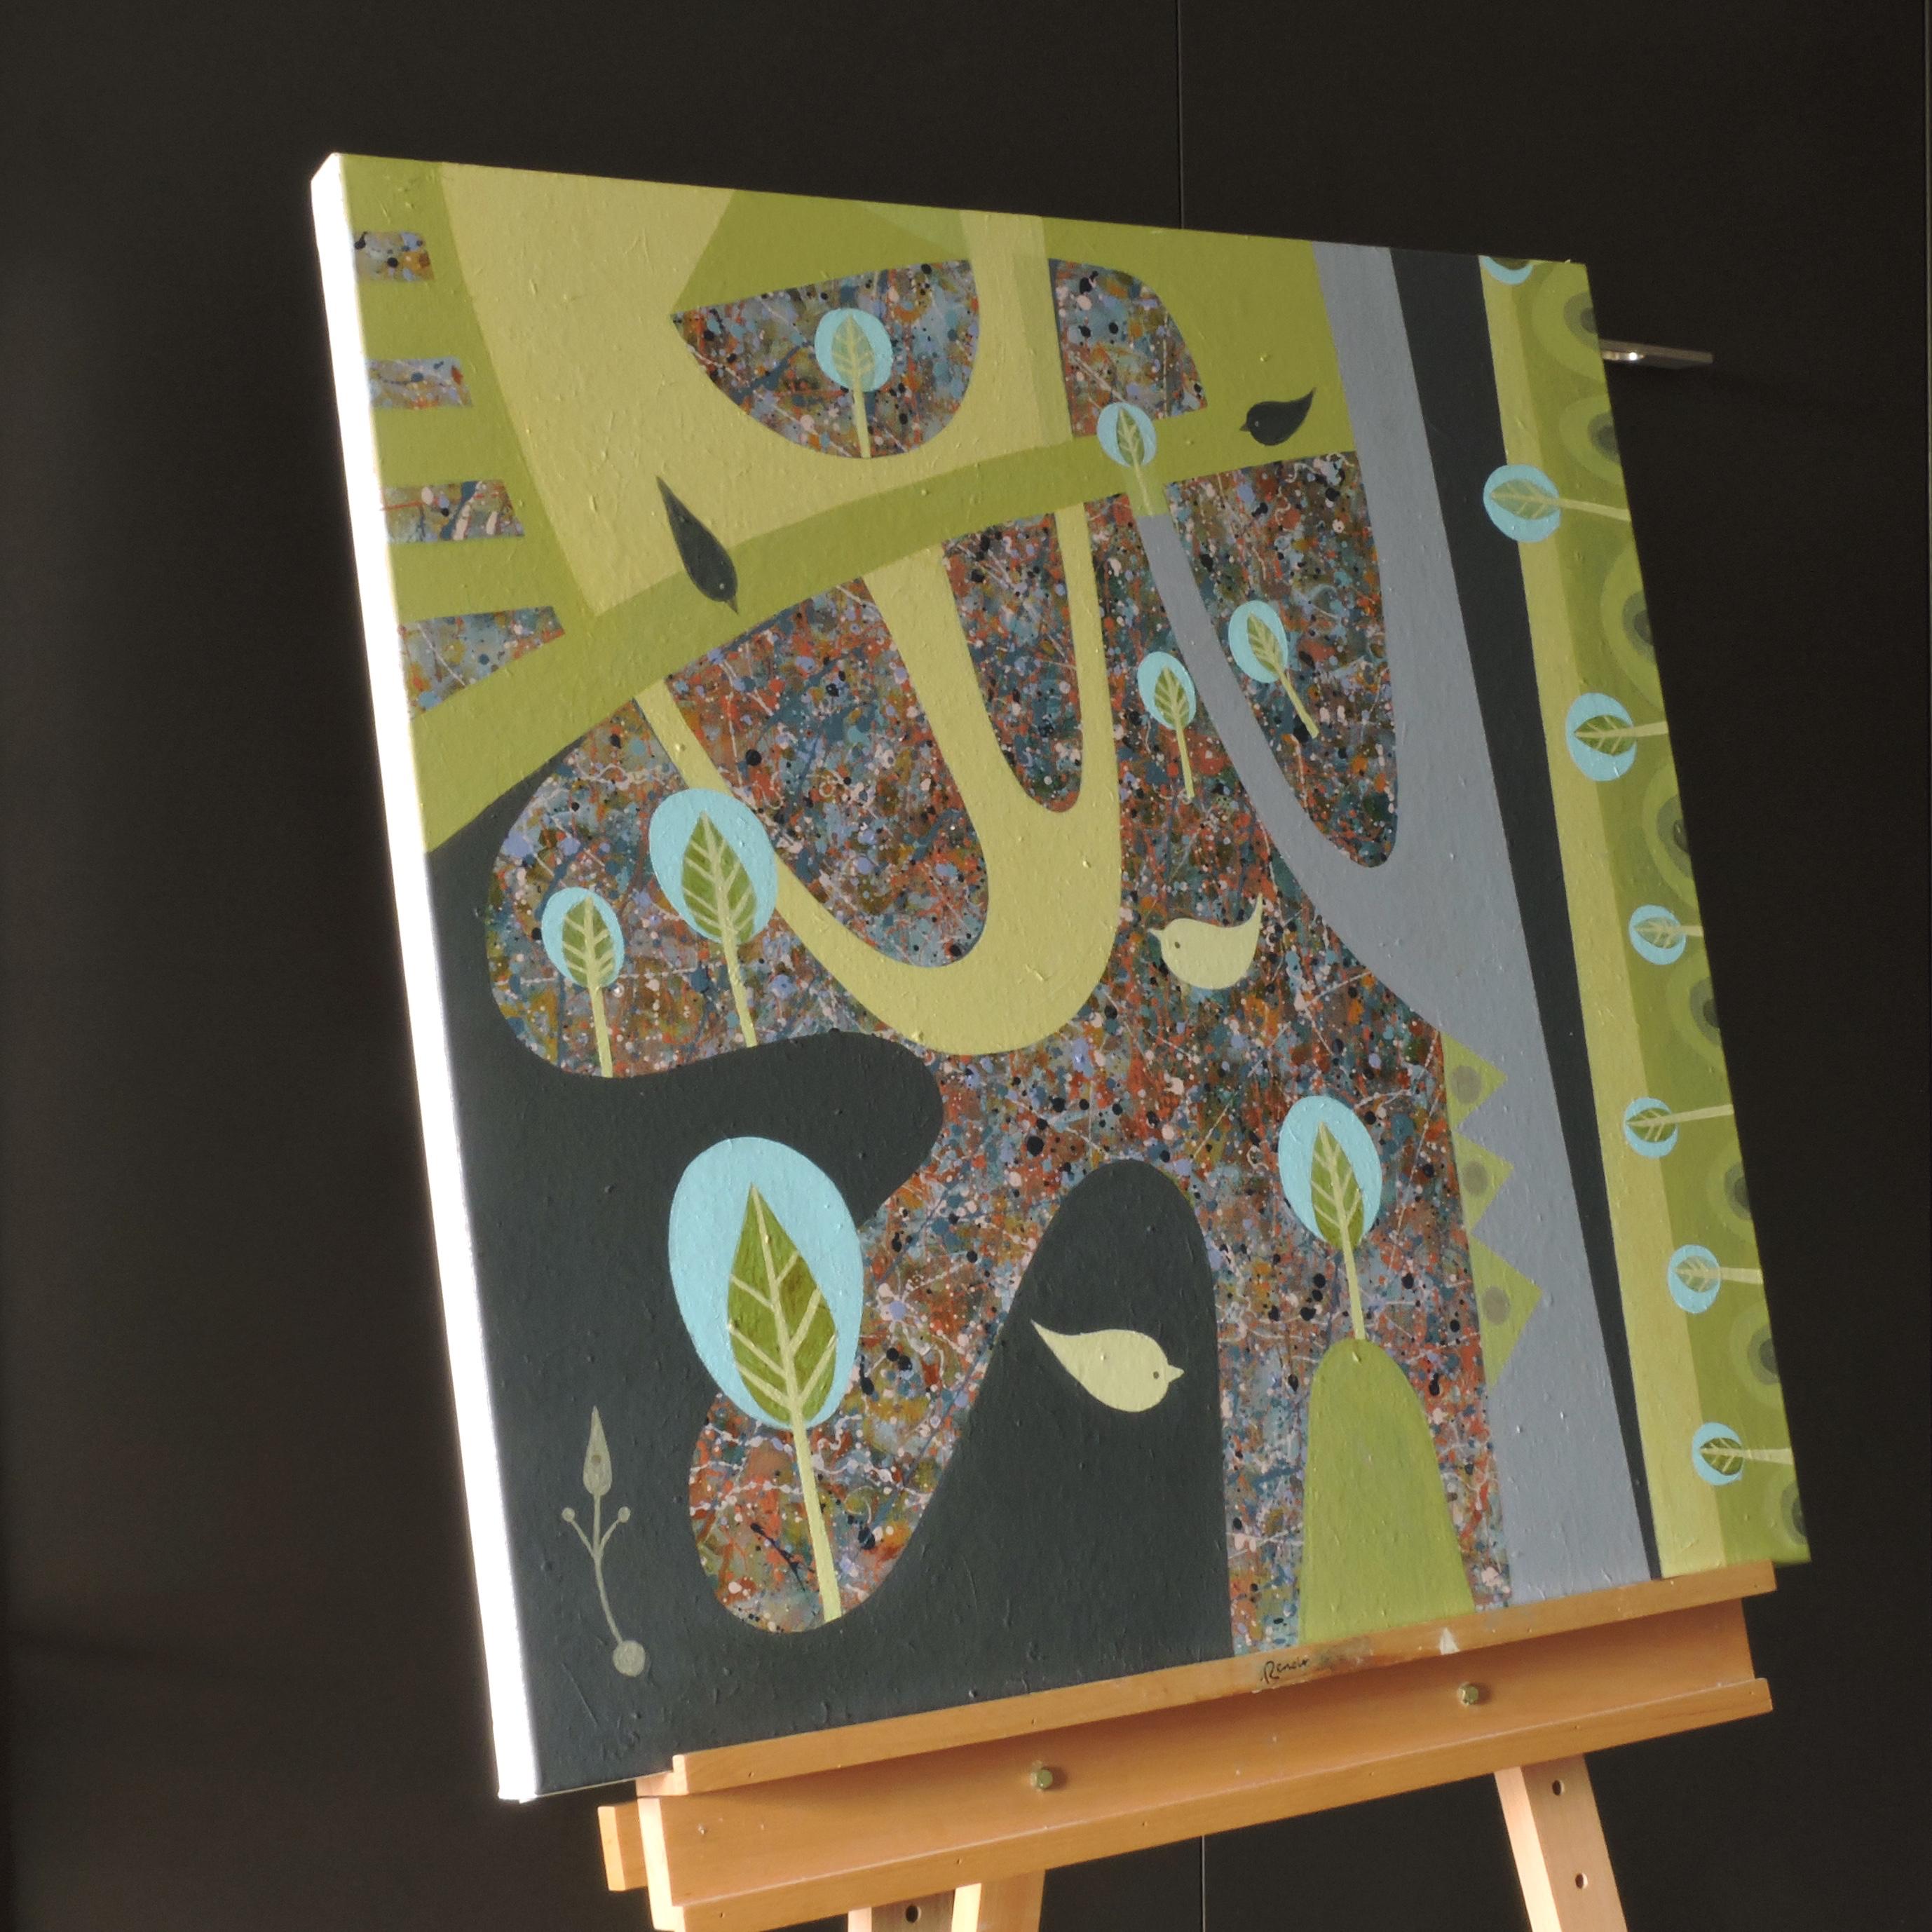 S207 In-context View (Studio)